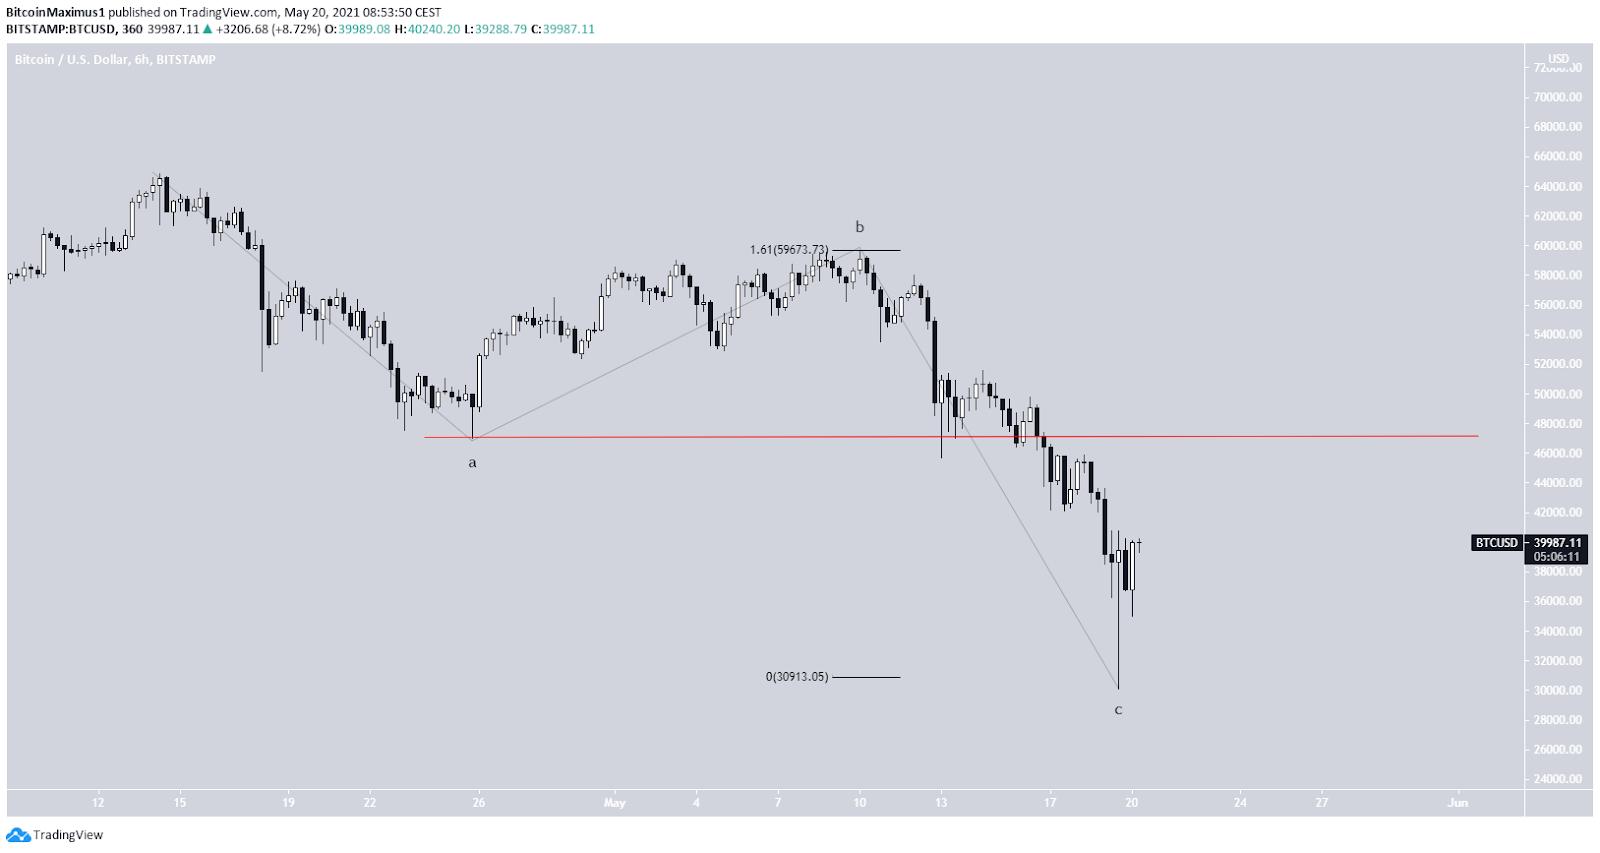 Bitcoin Kurs Abwärtsbewegung Vergleich Preis 20.05.2021